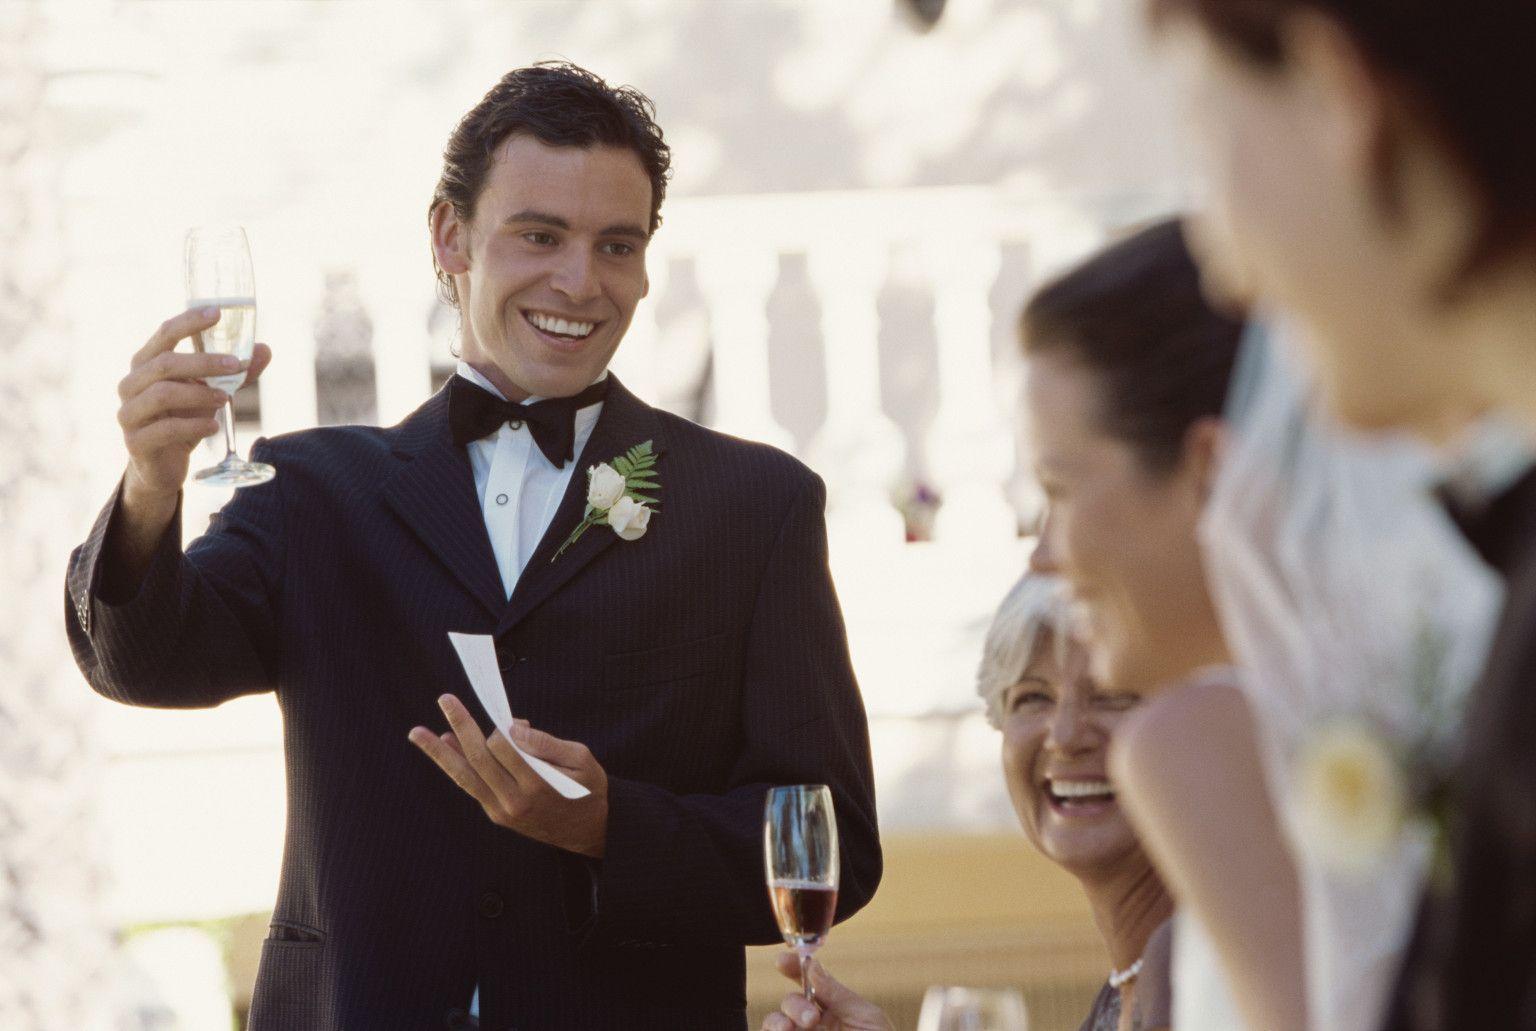 compliment the bride - best man speech